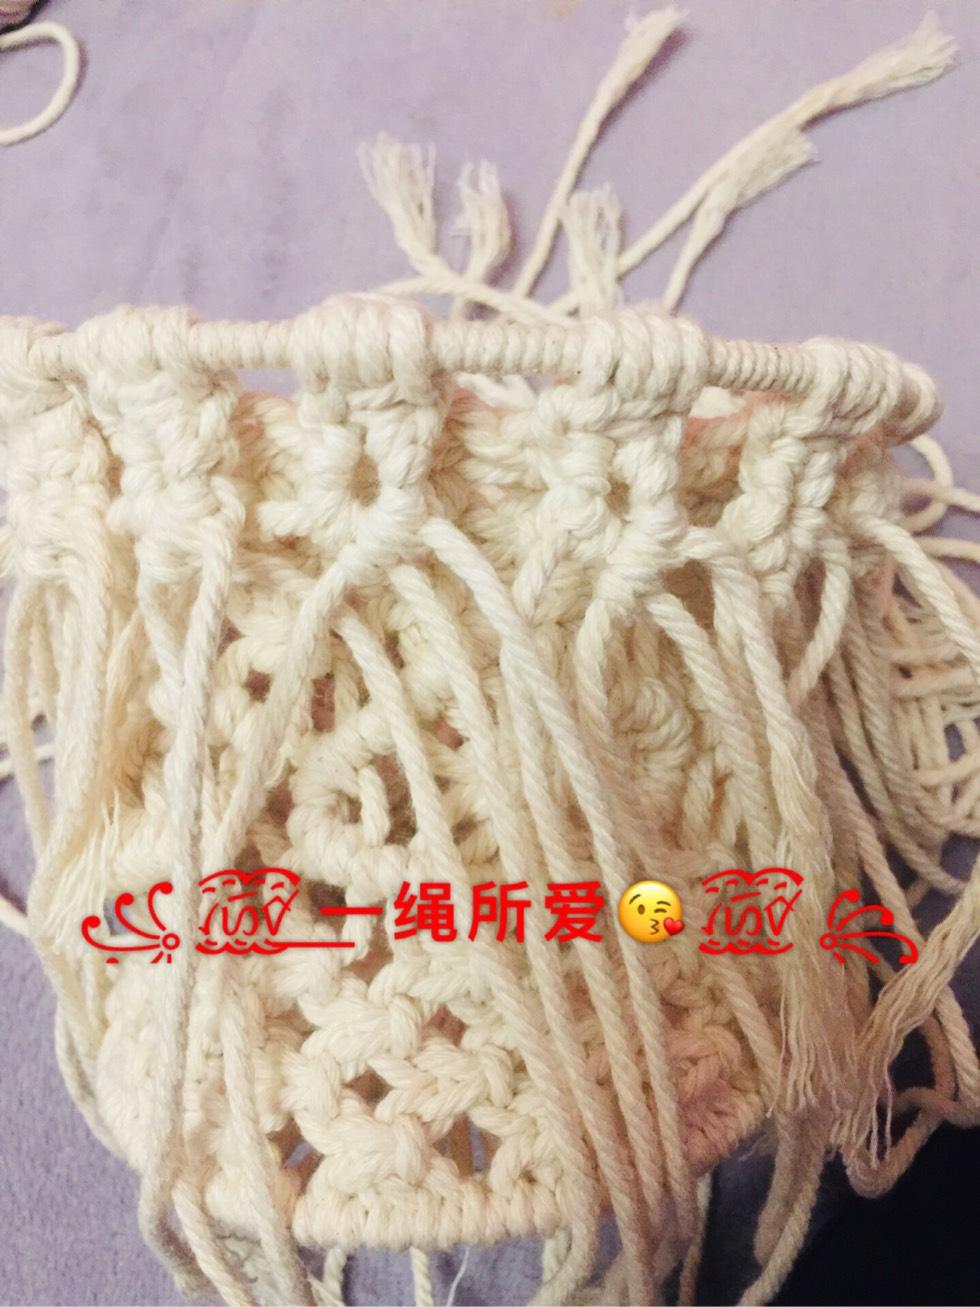 中国结论坛 原创·Macrame 收纳篮  立体绳结教程与交流区 143036rhzgtt8tgtetnojn